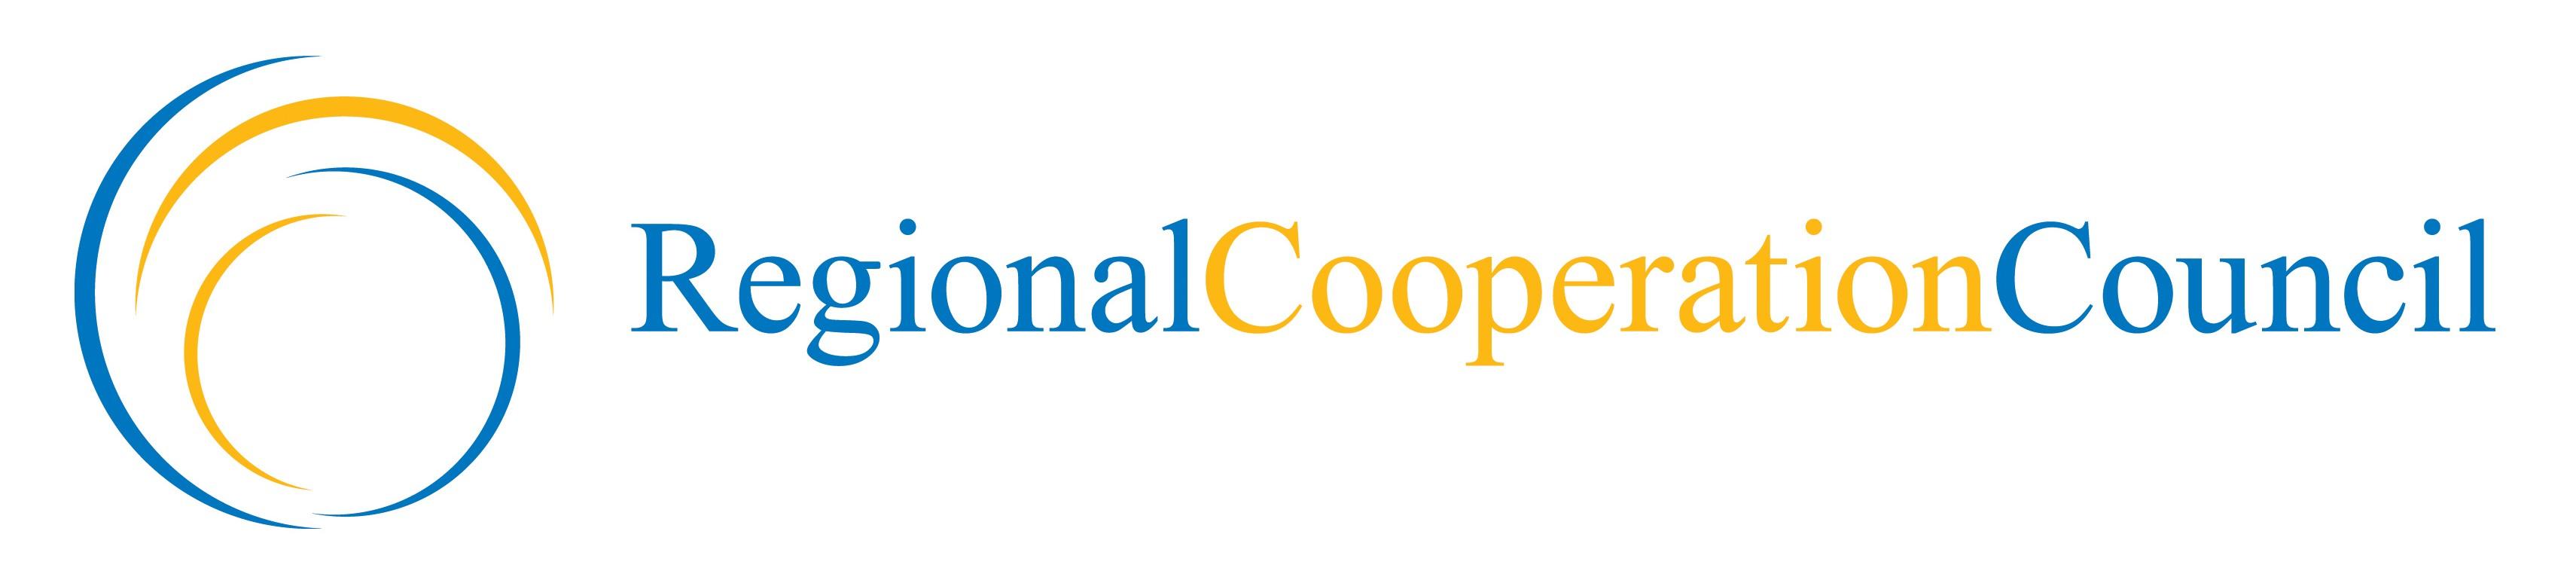 RCC logo